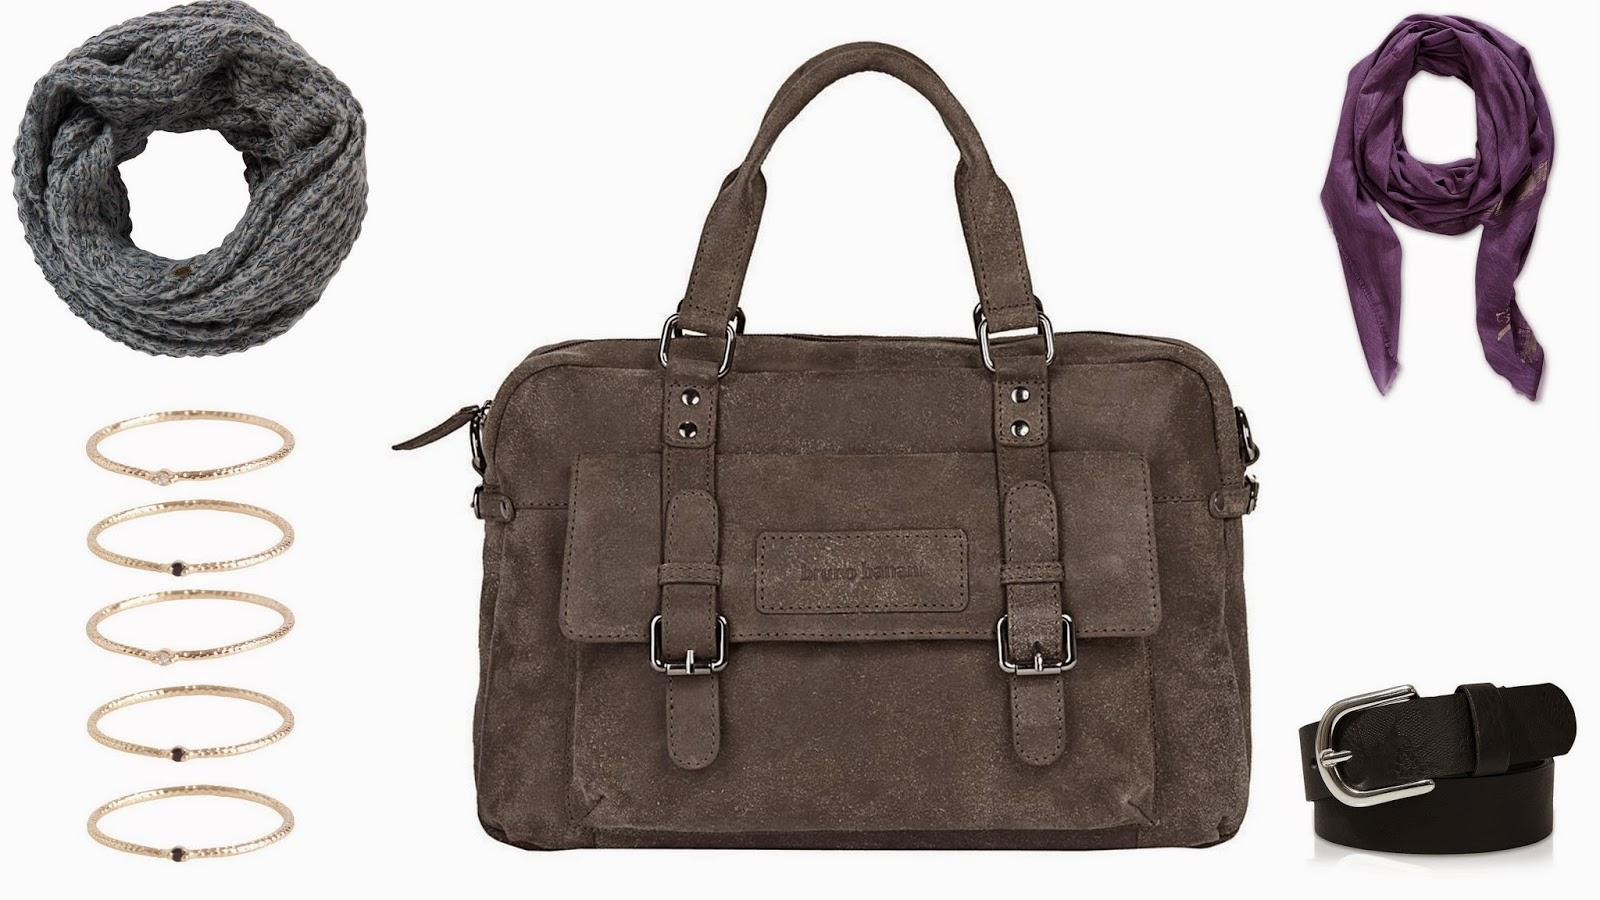 Снуд Tom Tailor, кольца Pieces Kombi , сумку Bruno Bananni, ремень S.Oliver и платок S.Oliver